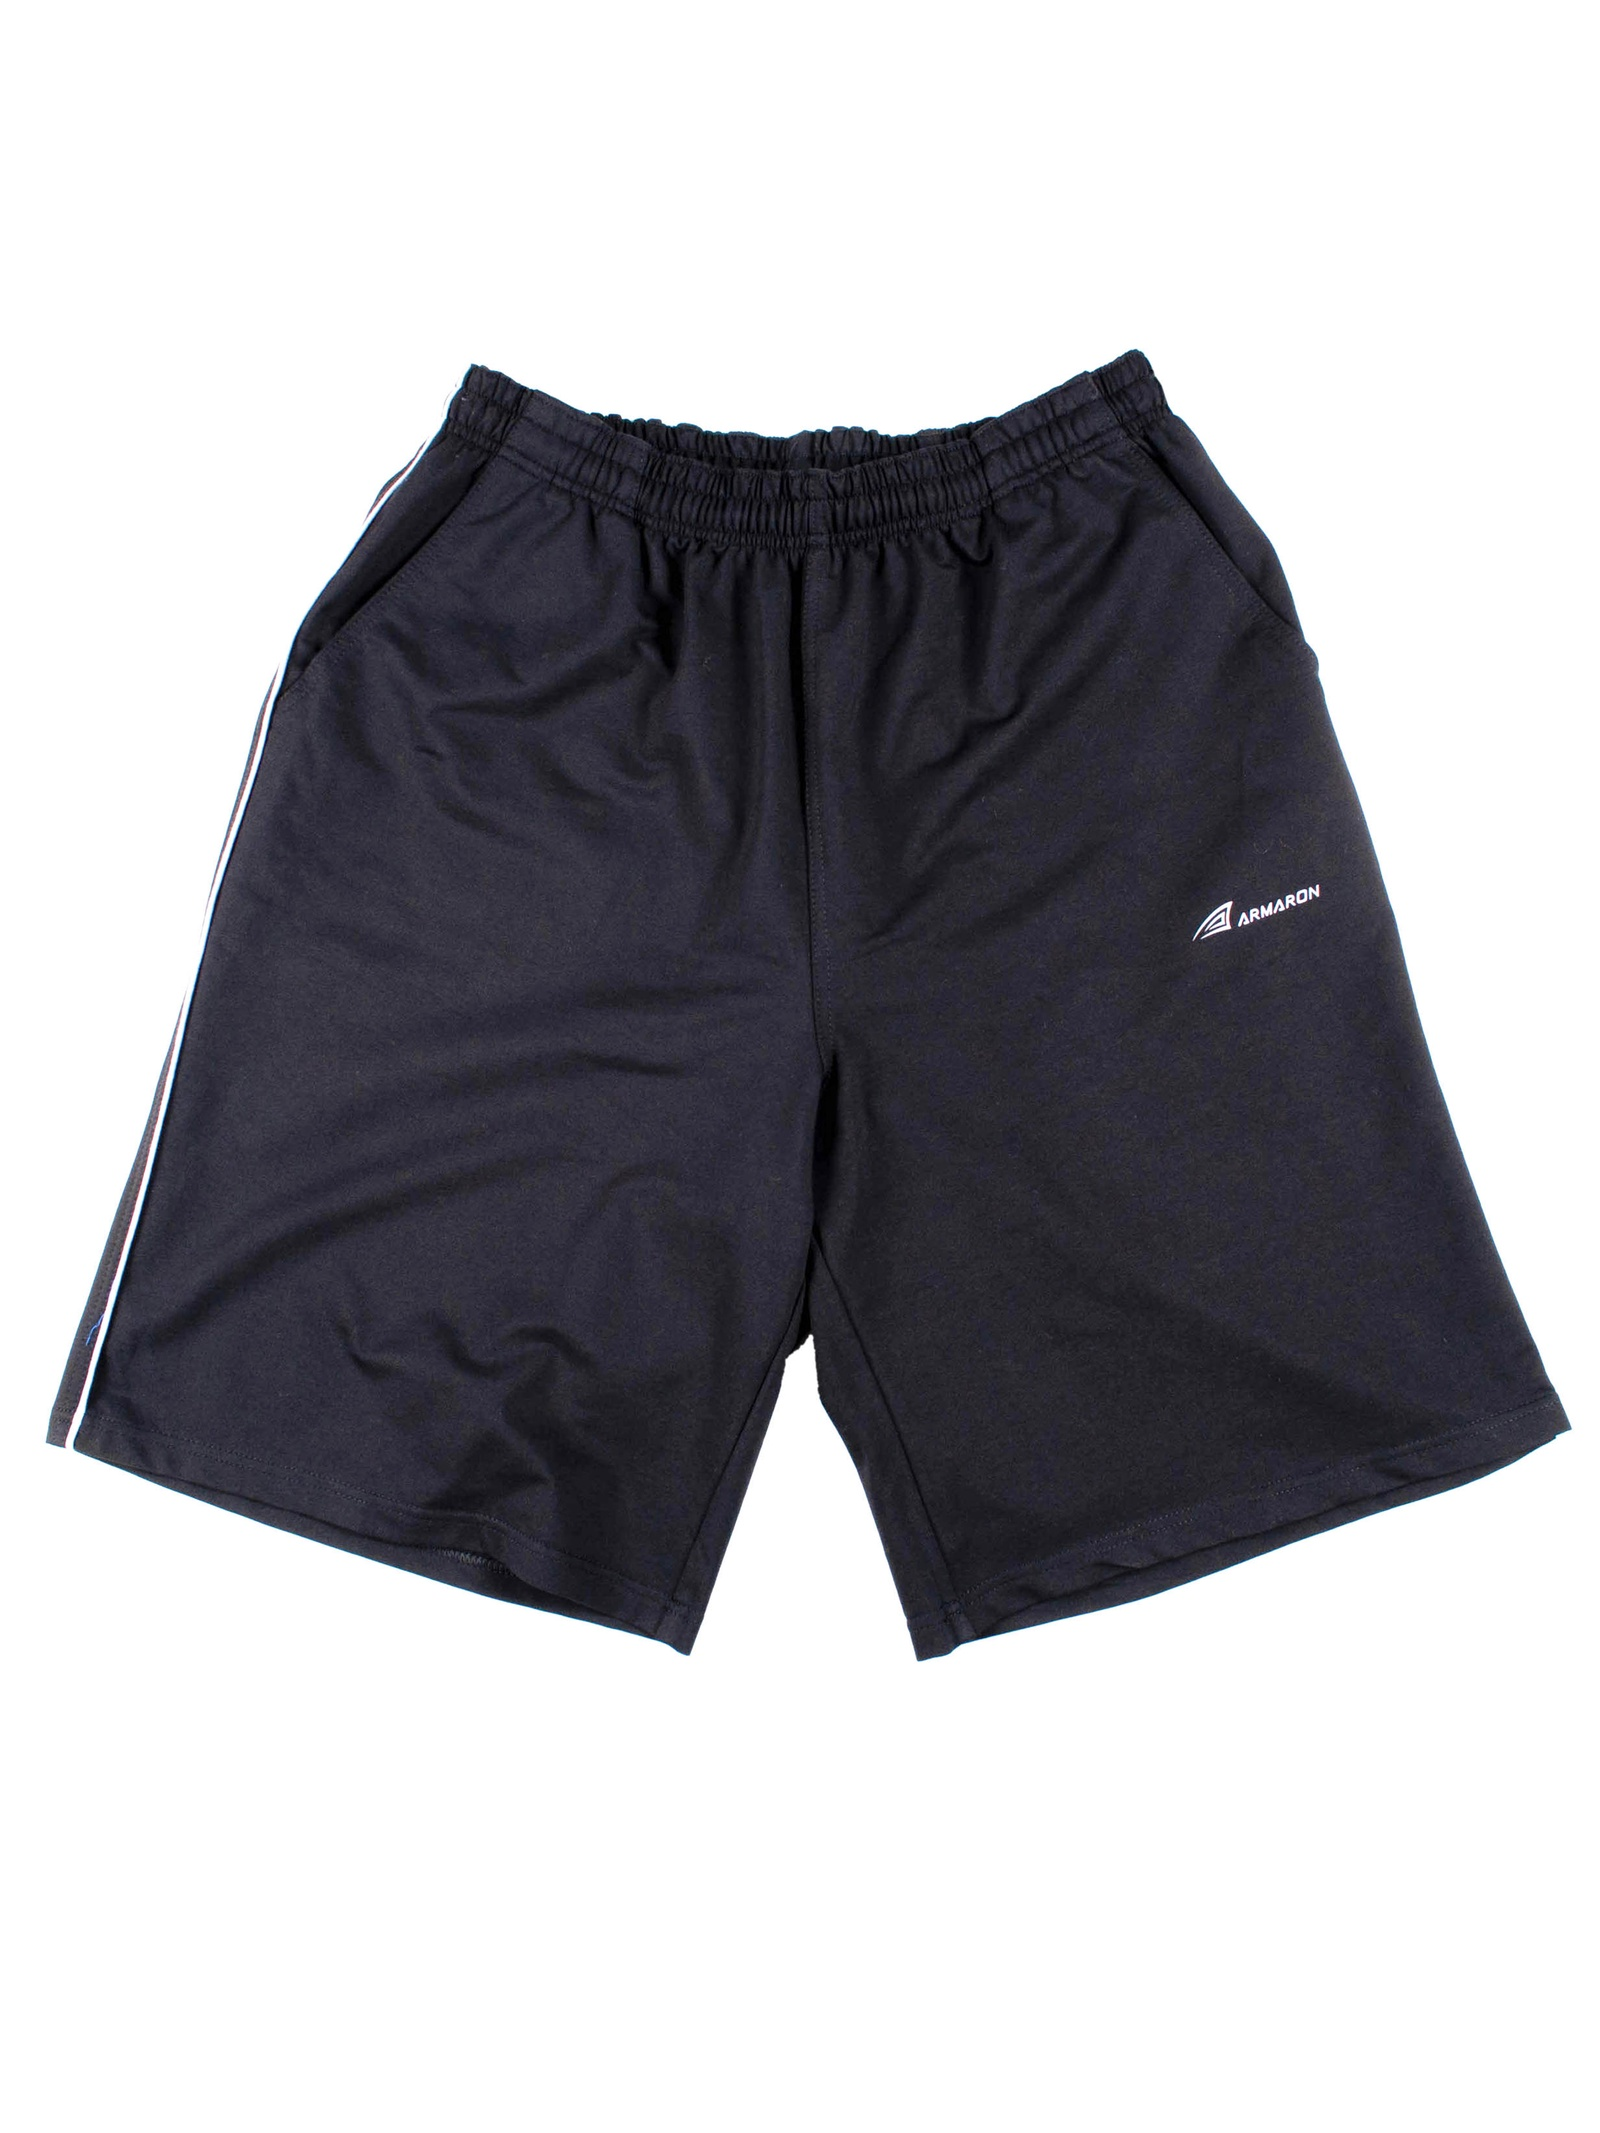 Шорты Armaron черные спортивные шорты мужские